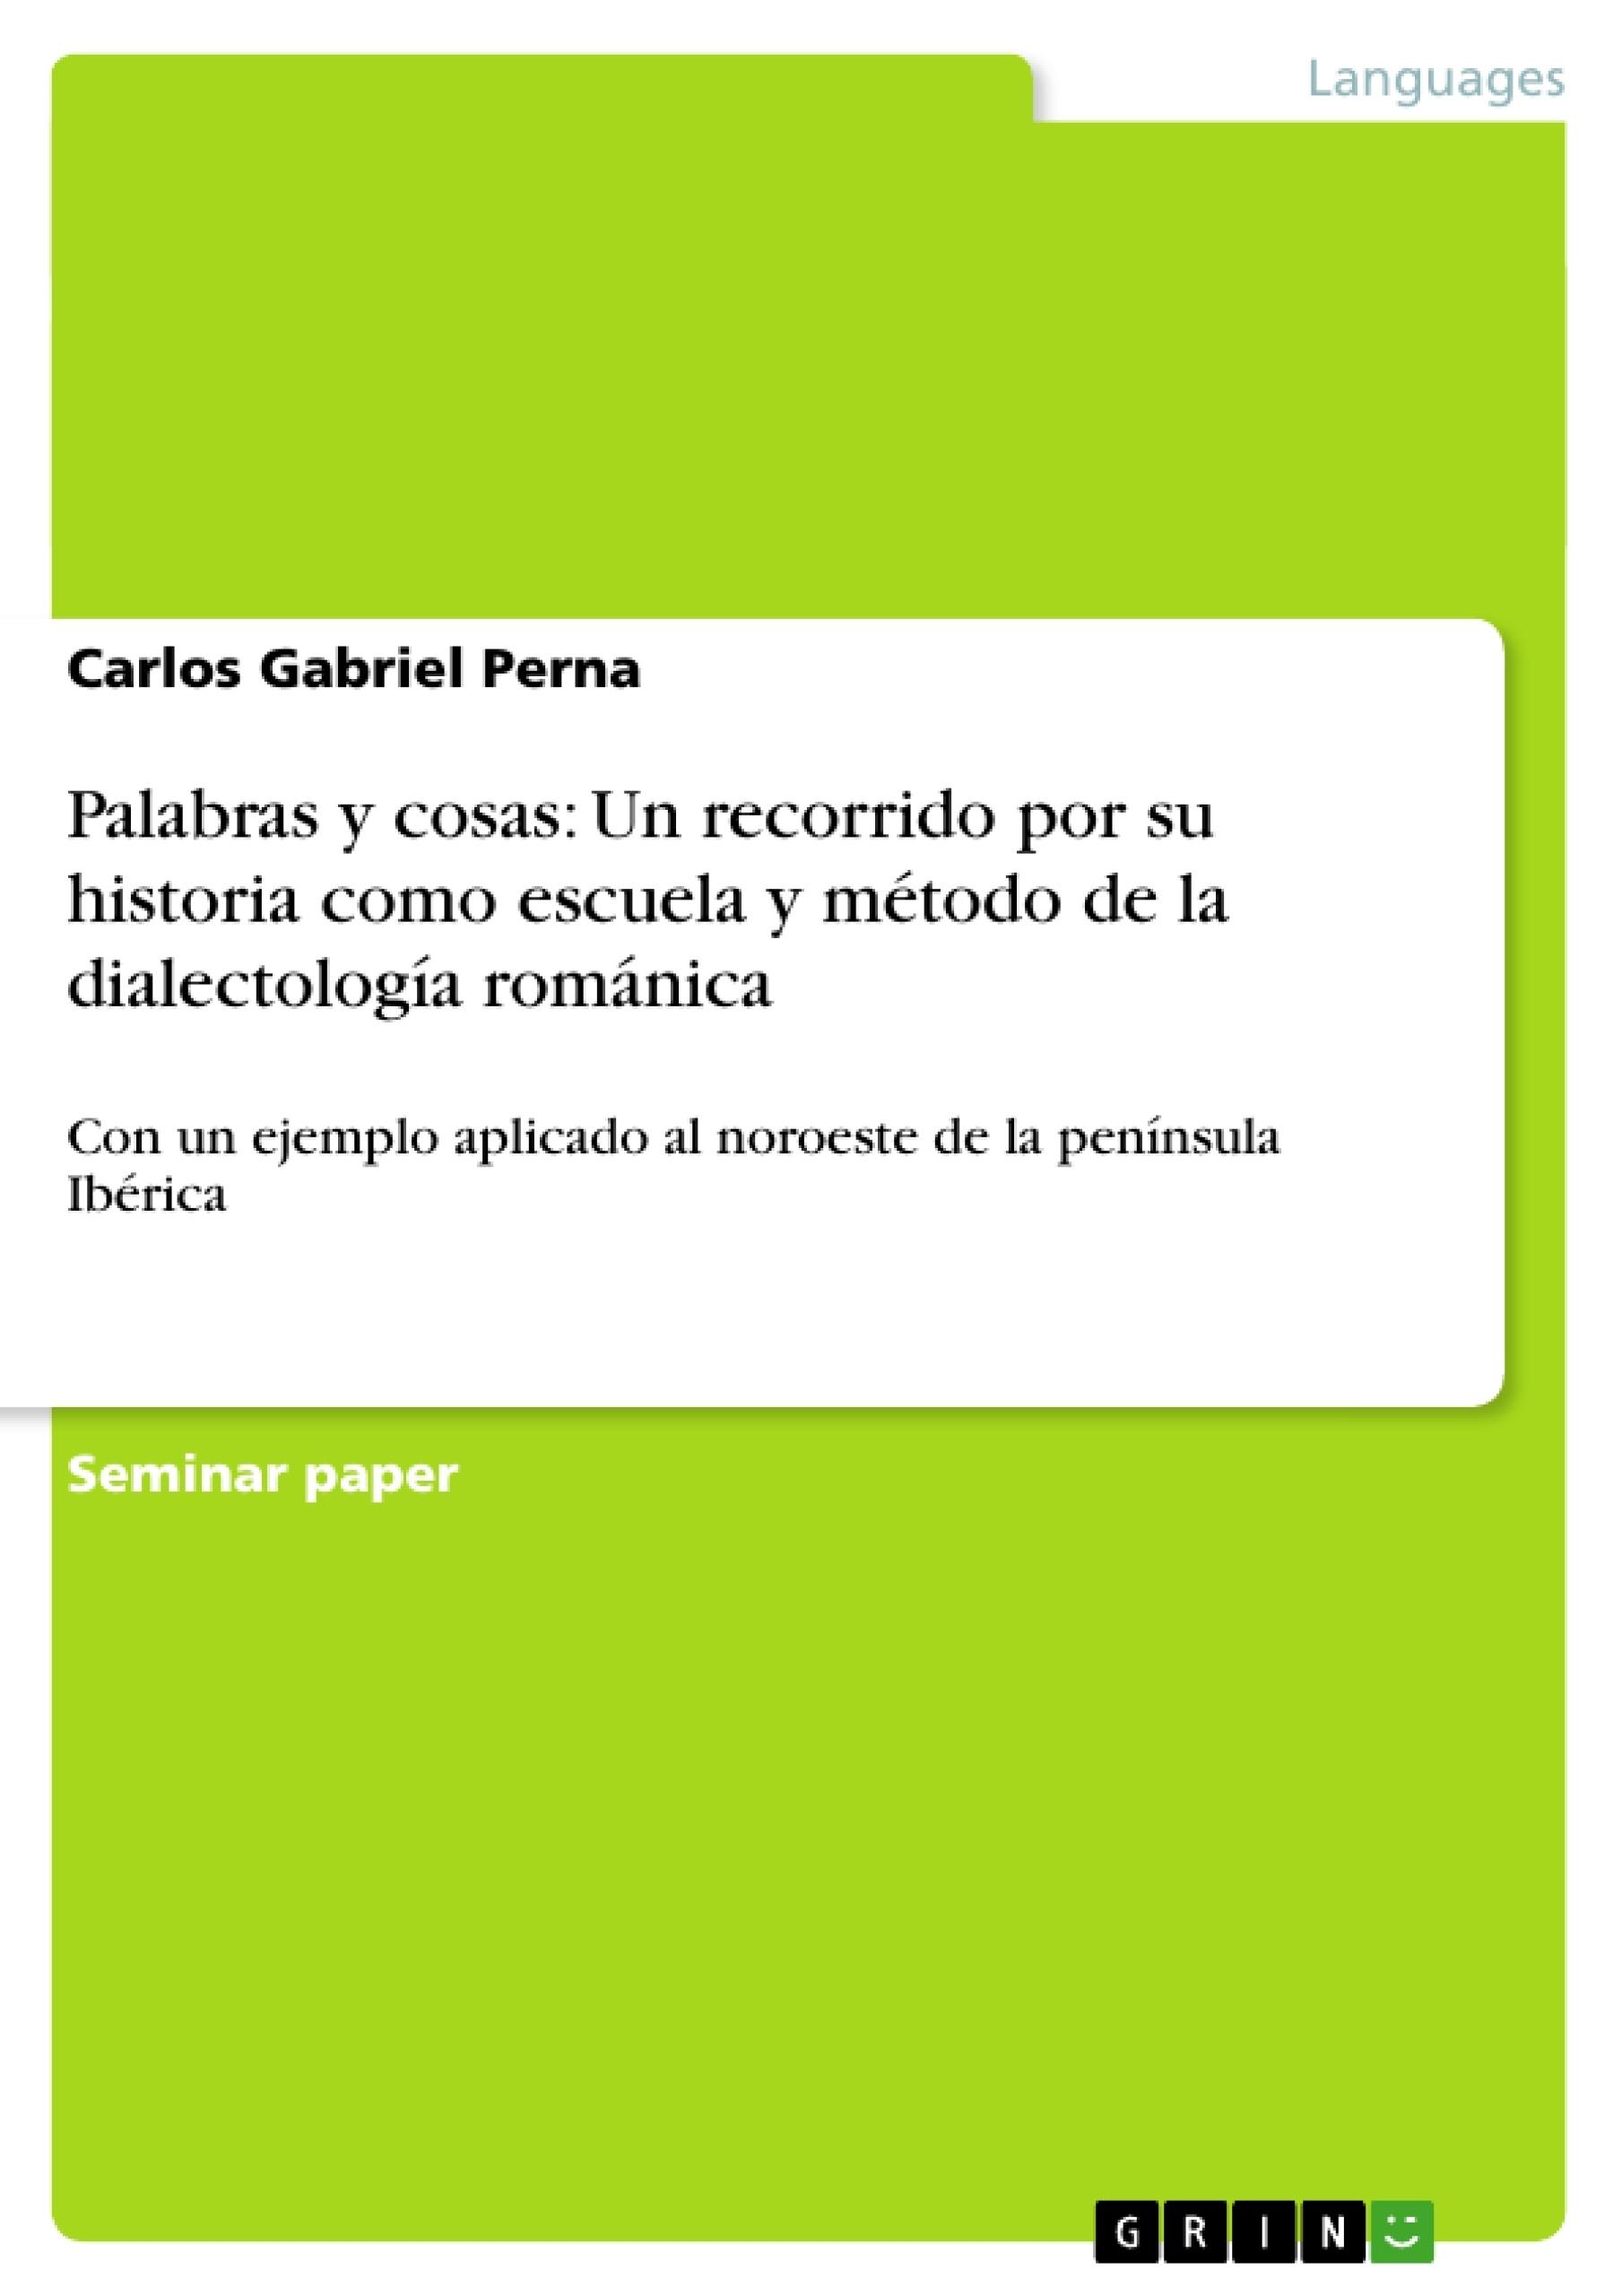 Título: Palabras y cosas: Un recorrido por su historia como escuela y método de la dialectología románica